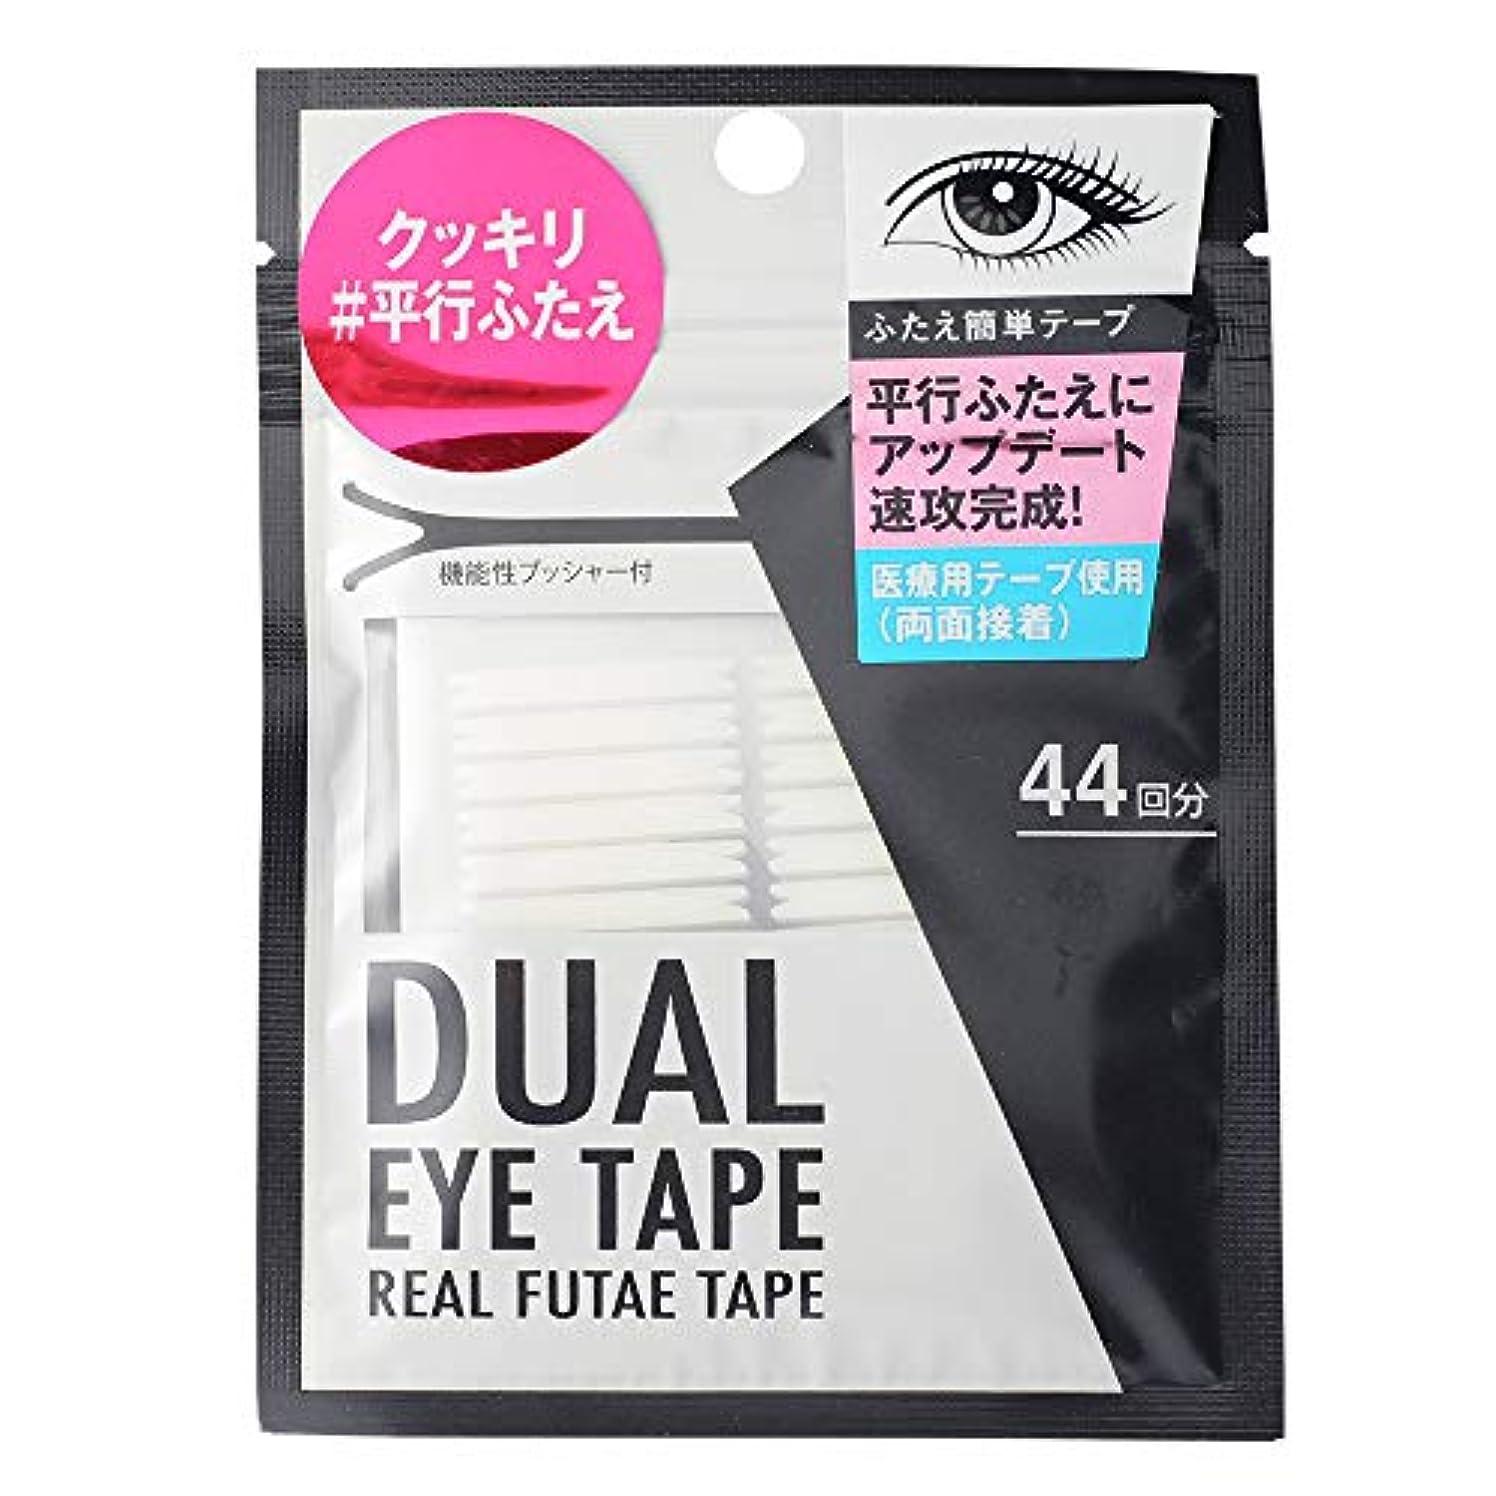 アブストラクト熟練した連鎖デュアルアイテープ (平行ふたえ両面接着テープ) (44回分)